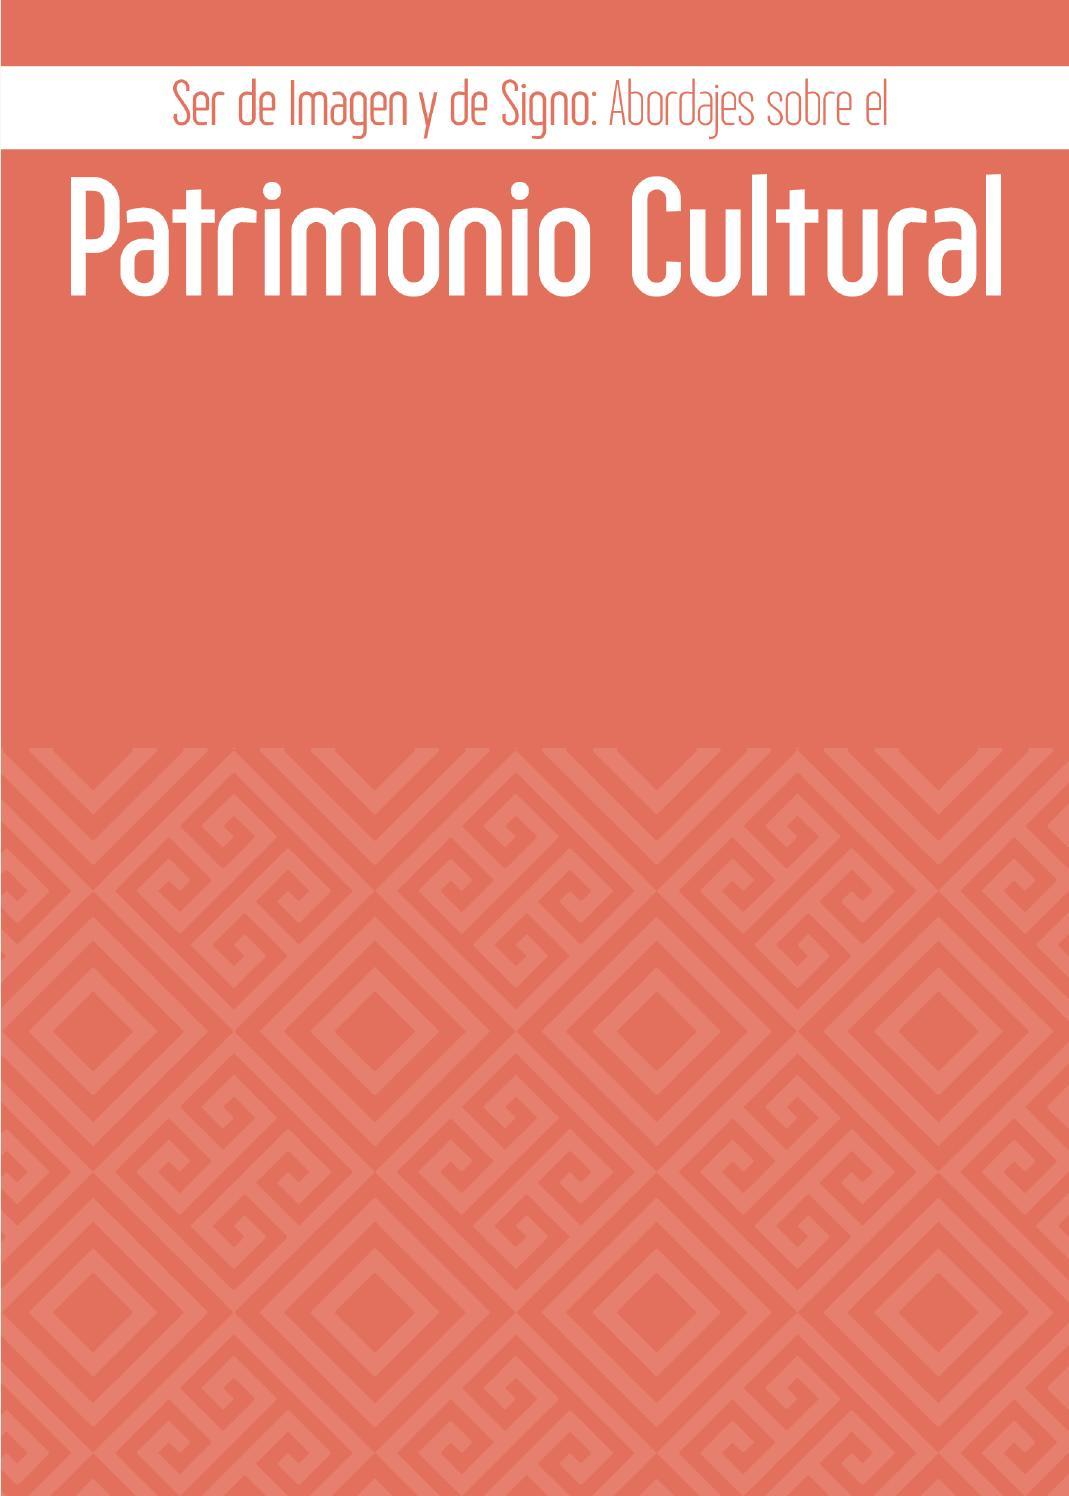 Ser de imagen y de signos abordajes del patrimonio cultural editado ...